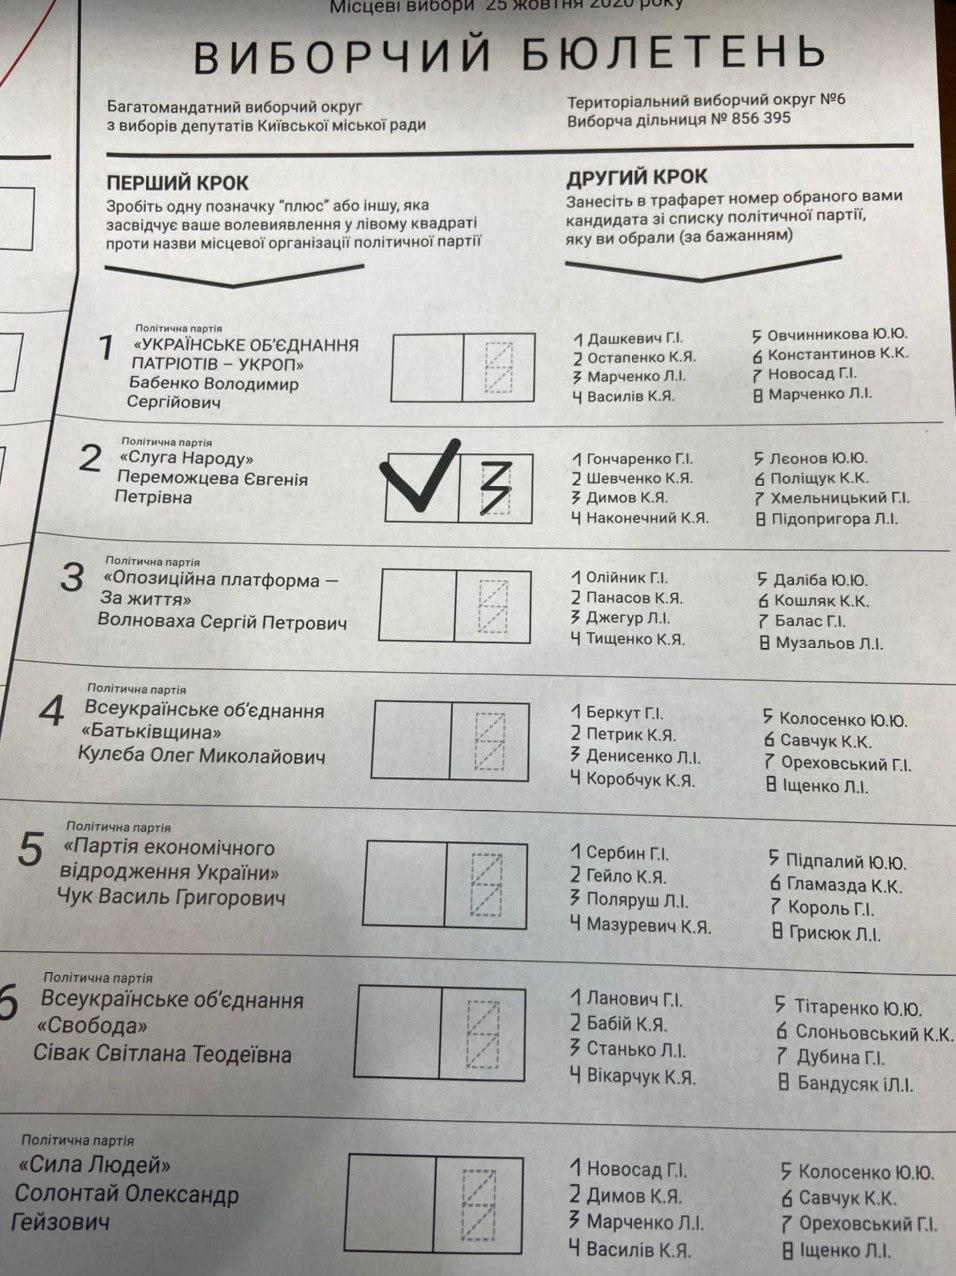 Рада изменила избирательное законодательство: что предлагает закон